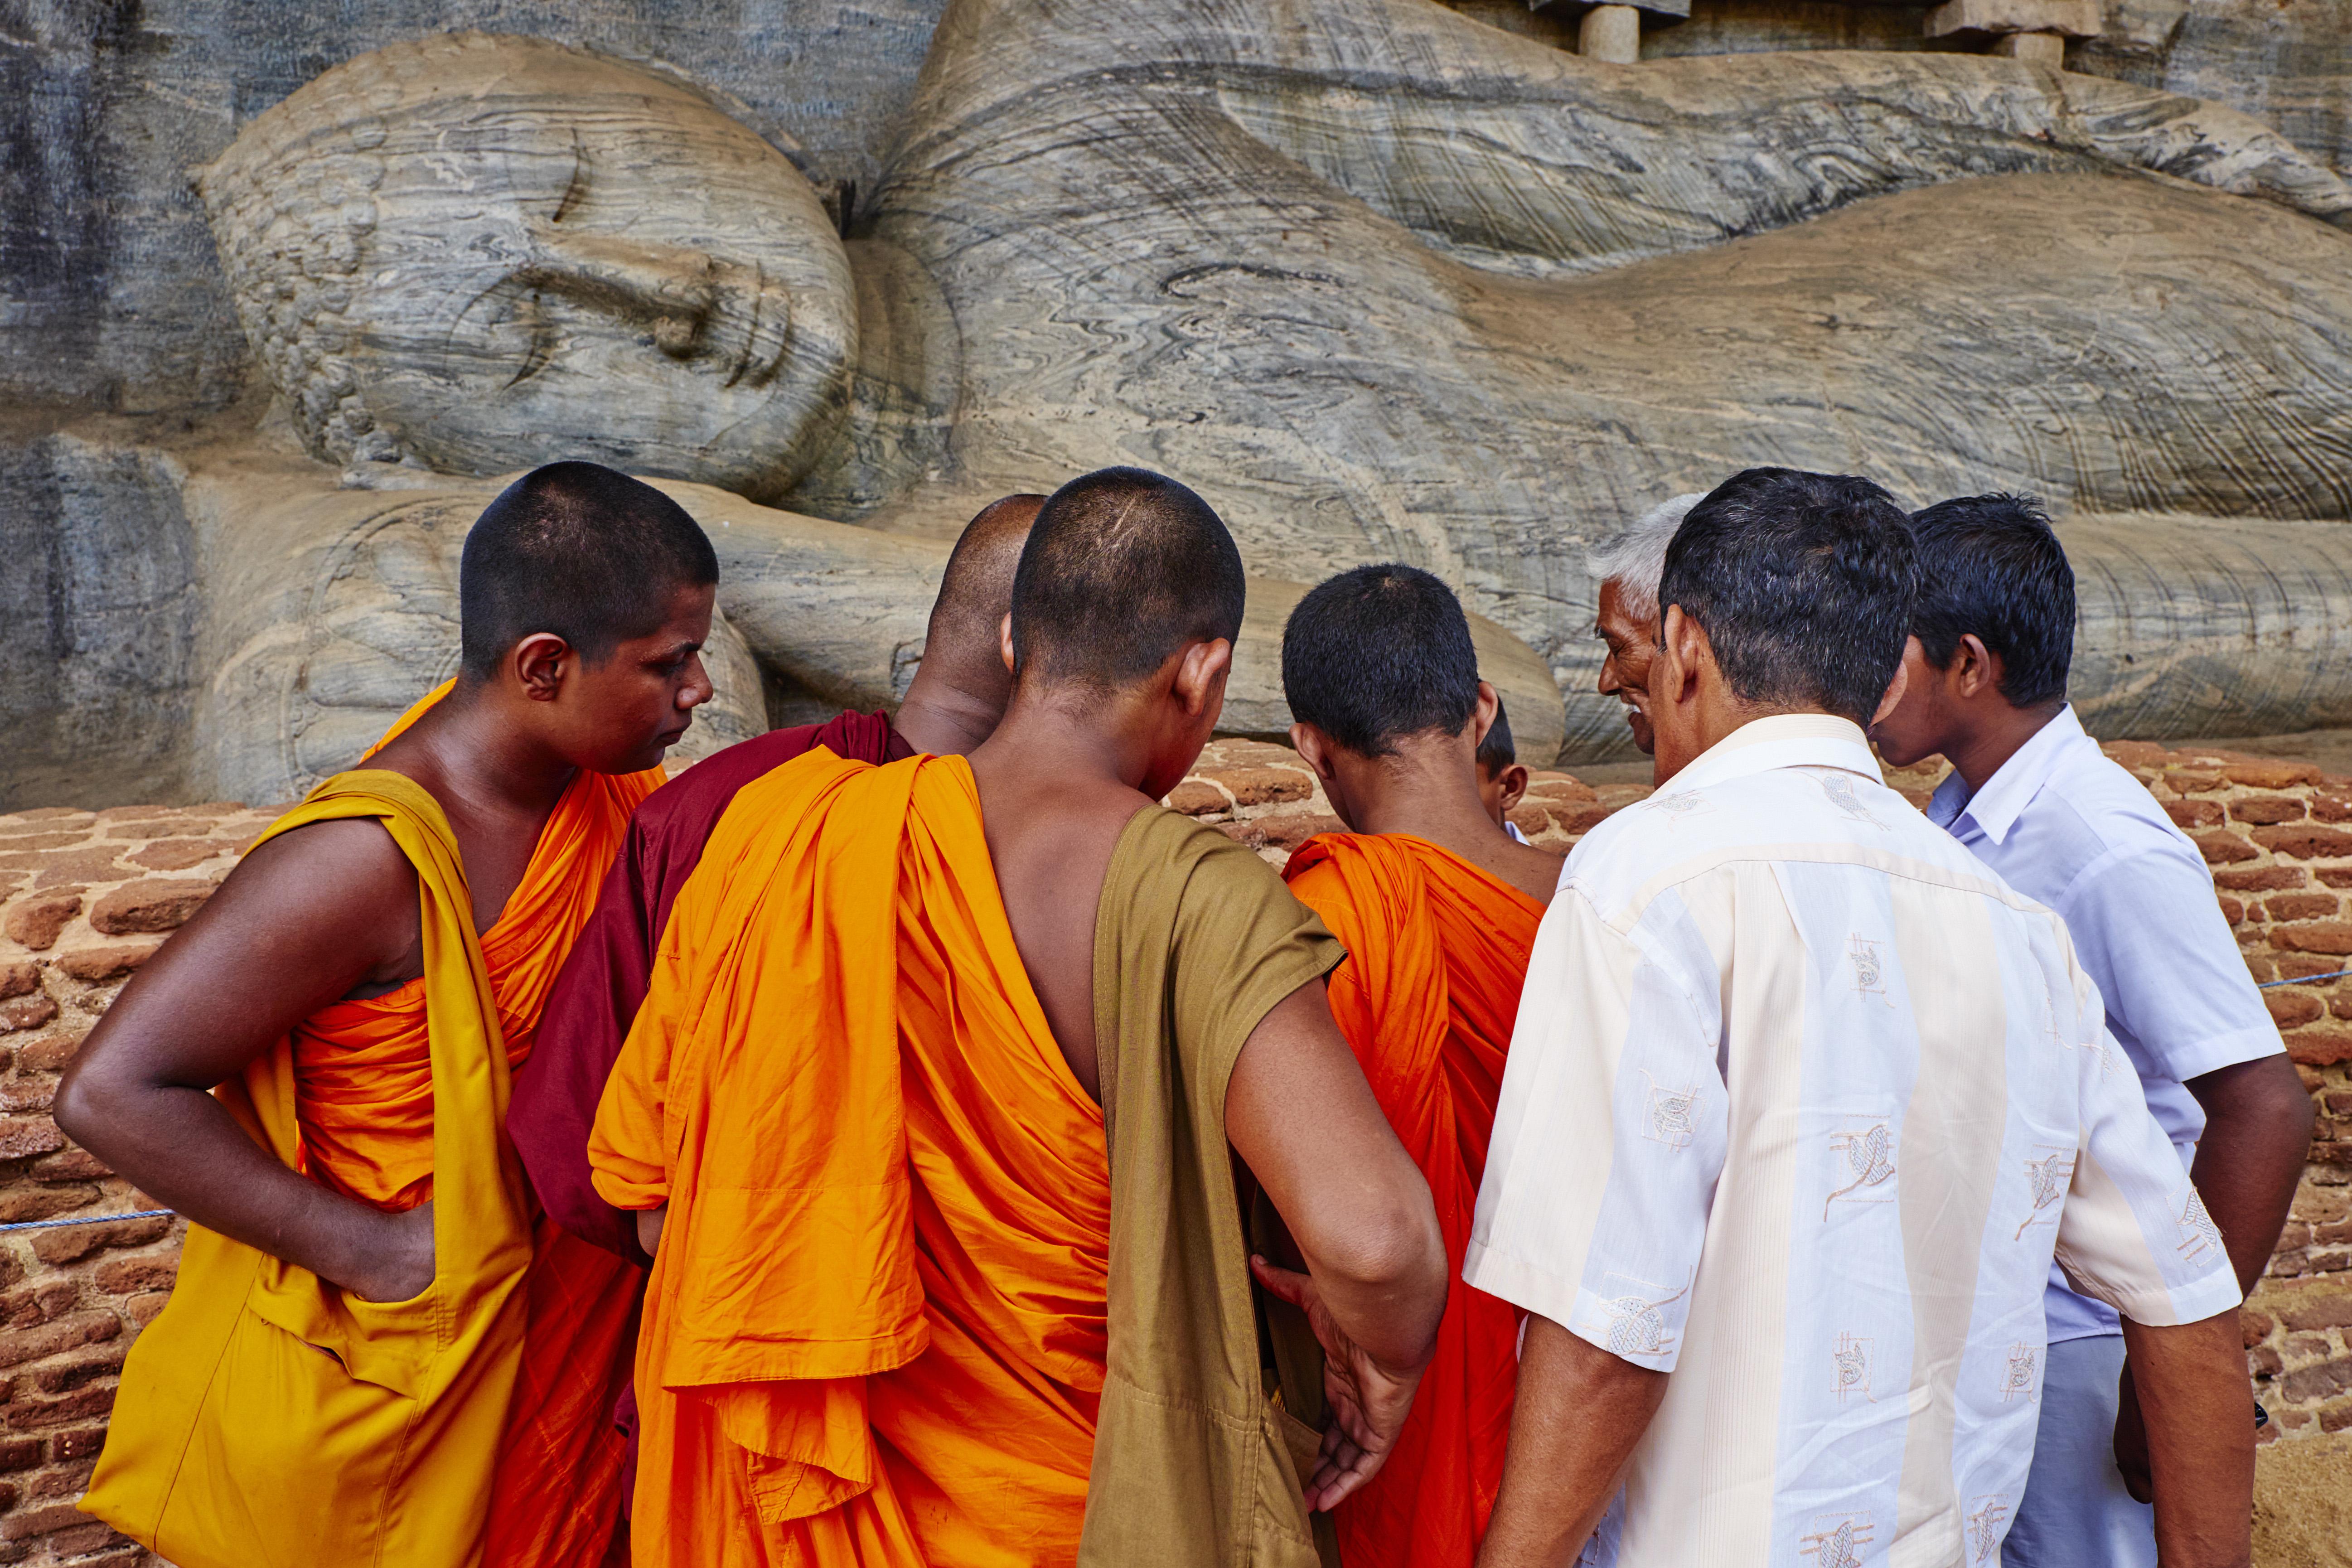 Sri Lanka, Polonnaruwa, Gal Vihara temple